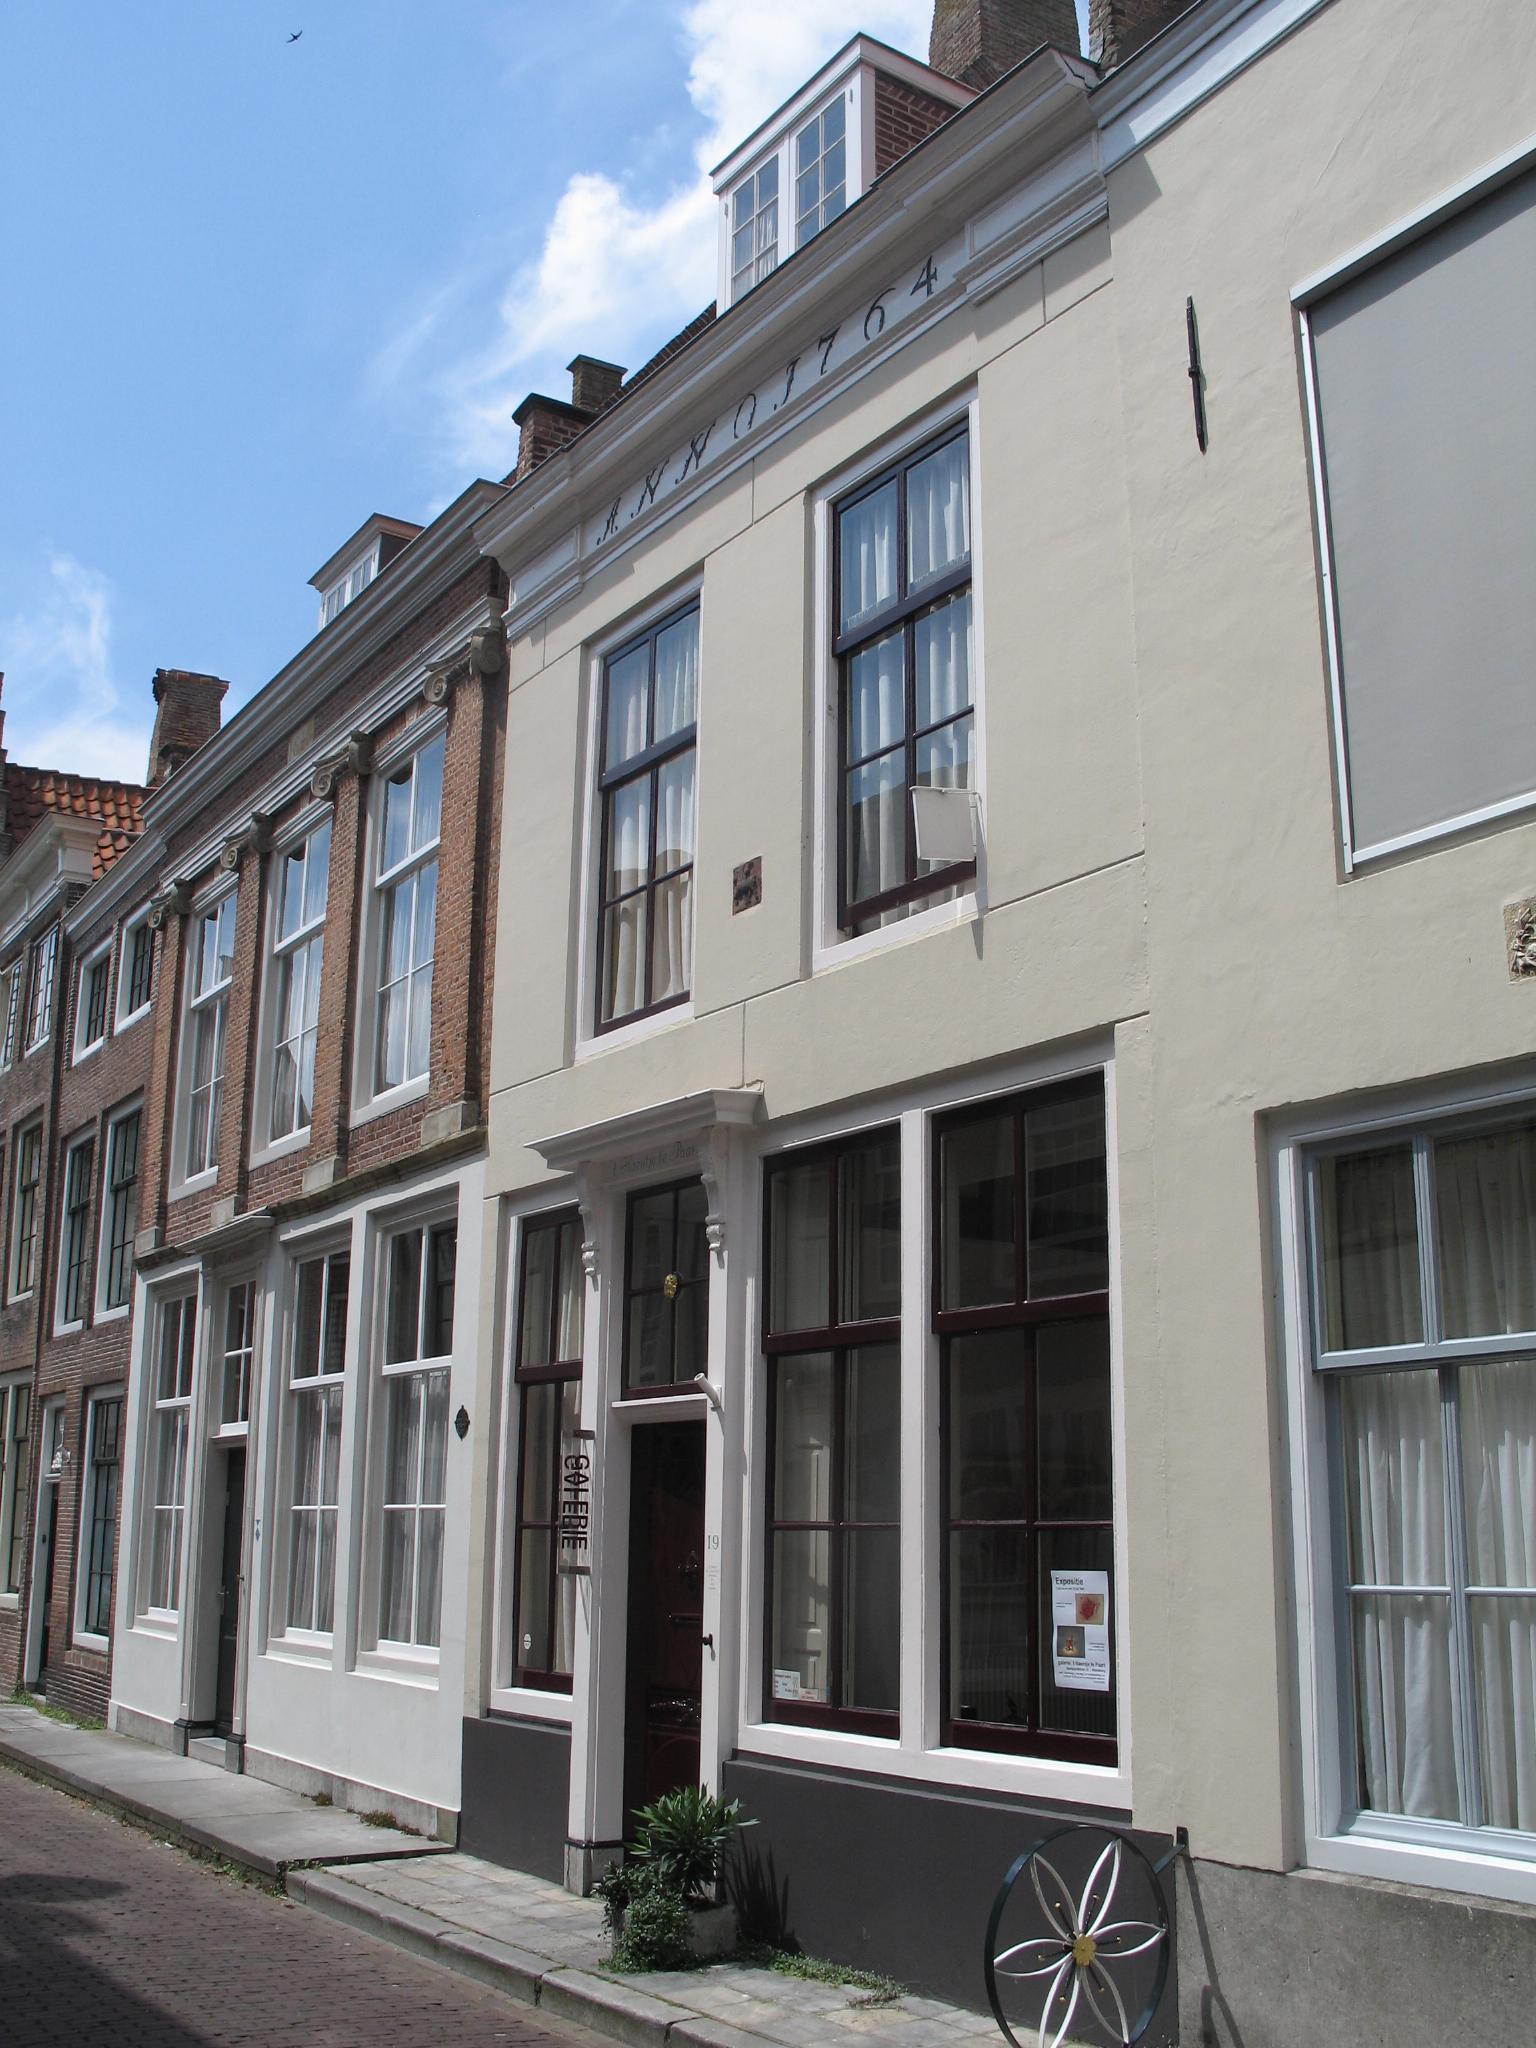 Huis met gepleisterde rechte gevel in lijst gedateerd 1784 for Lijst inrichting huis